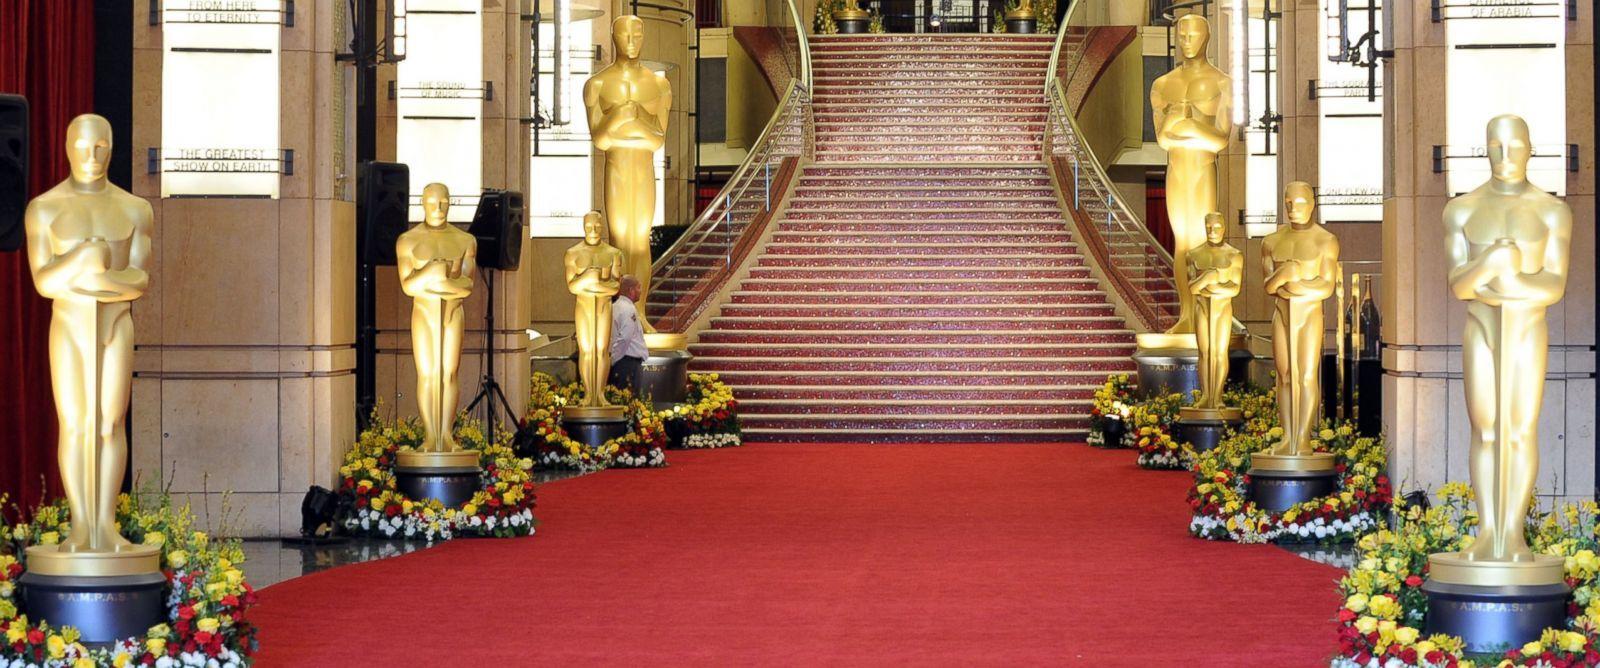 gty-oscars-red-carpet-jt-17020512x51600j